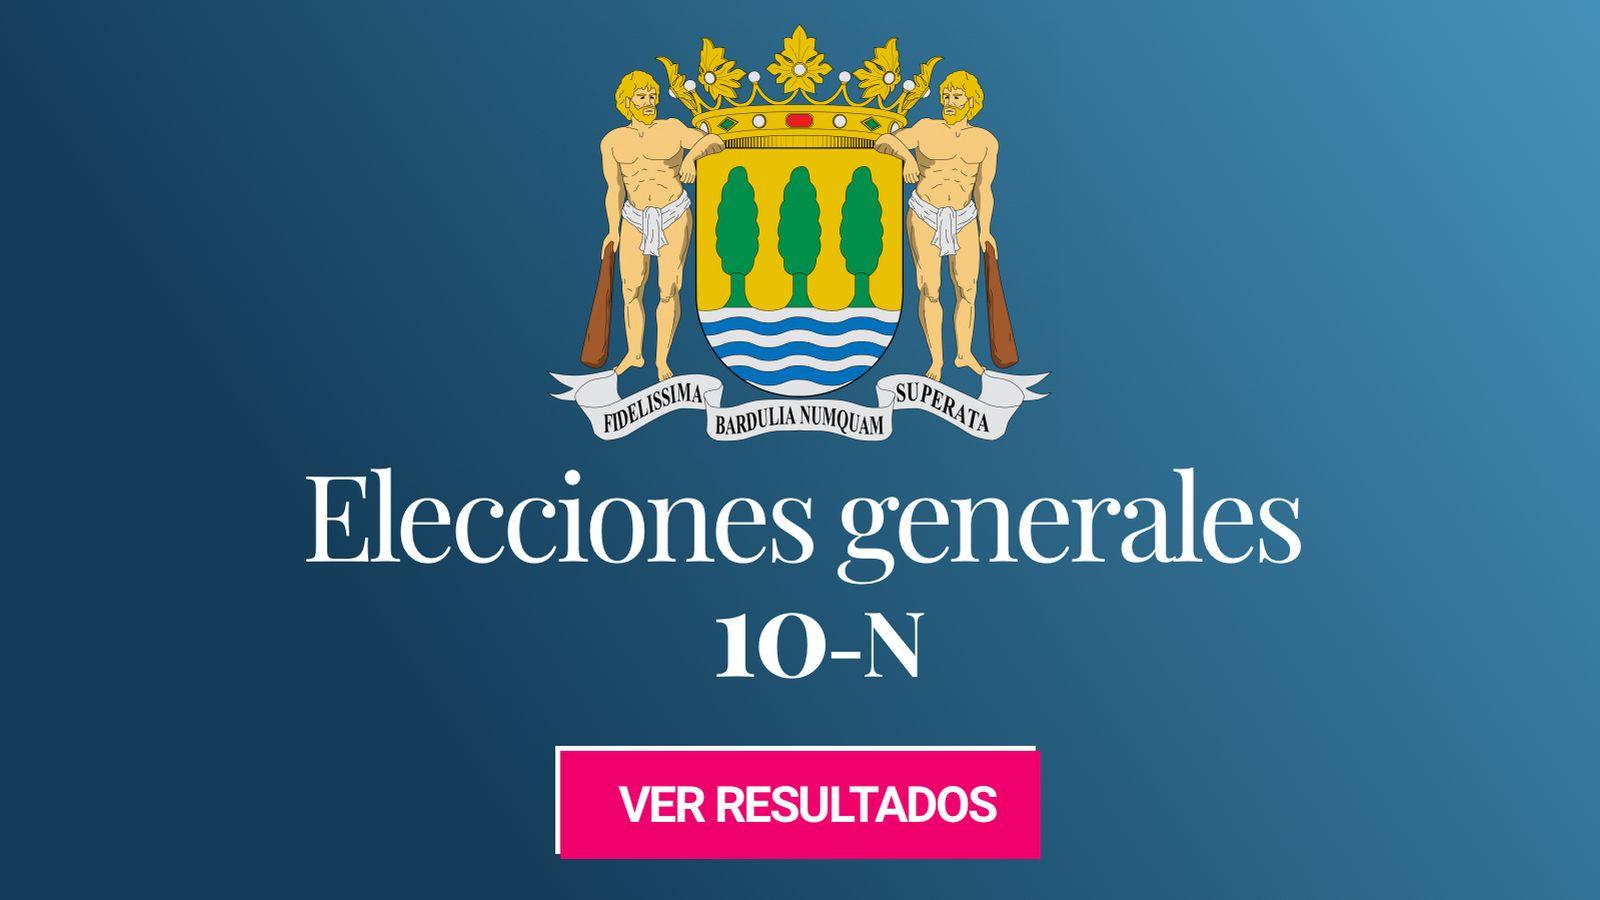 Foto: Elecciones generales 2019 en la provincia de Guipúzcoa. (C.C./HansenBCN)